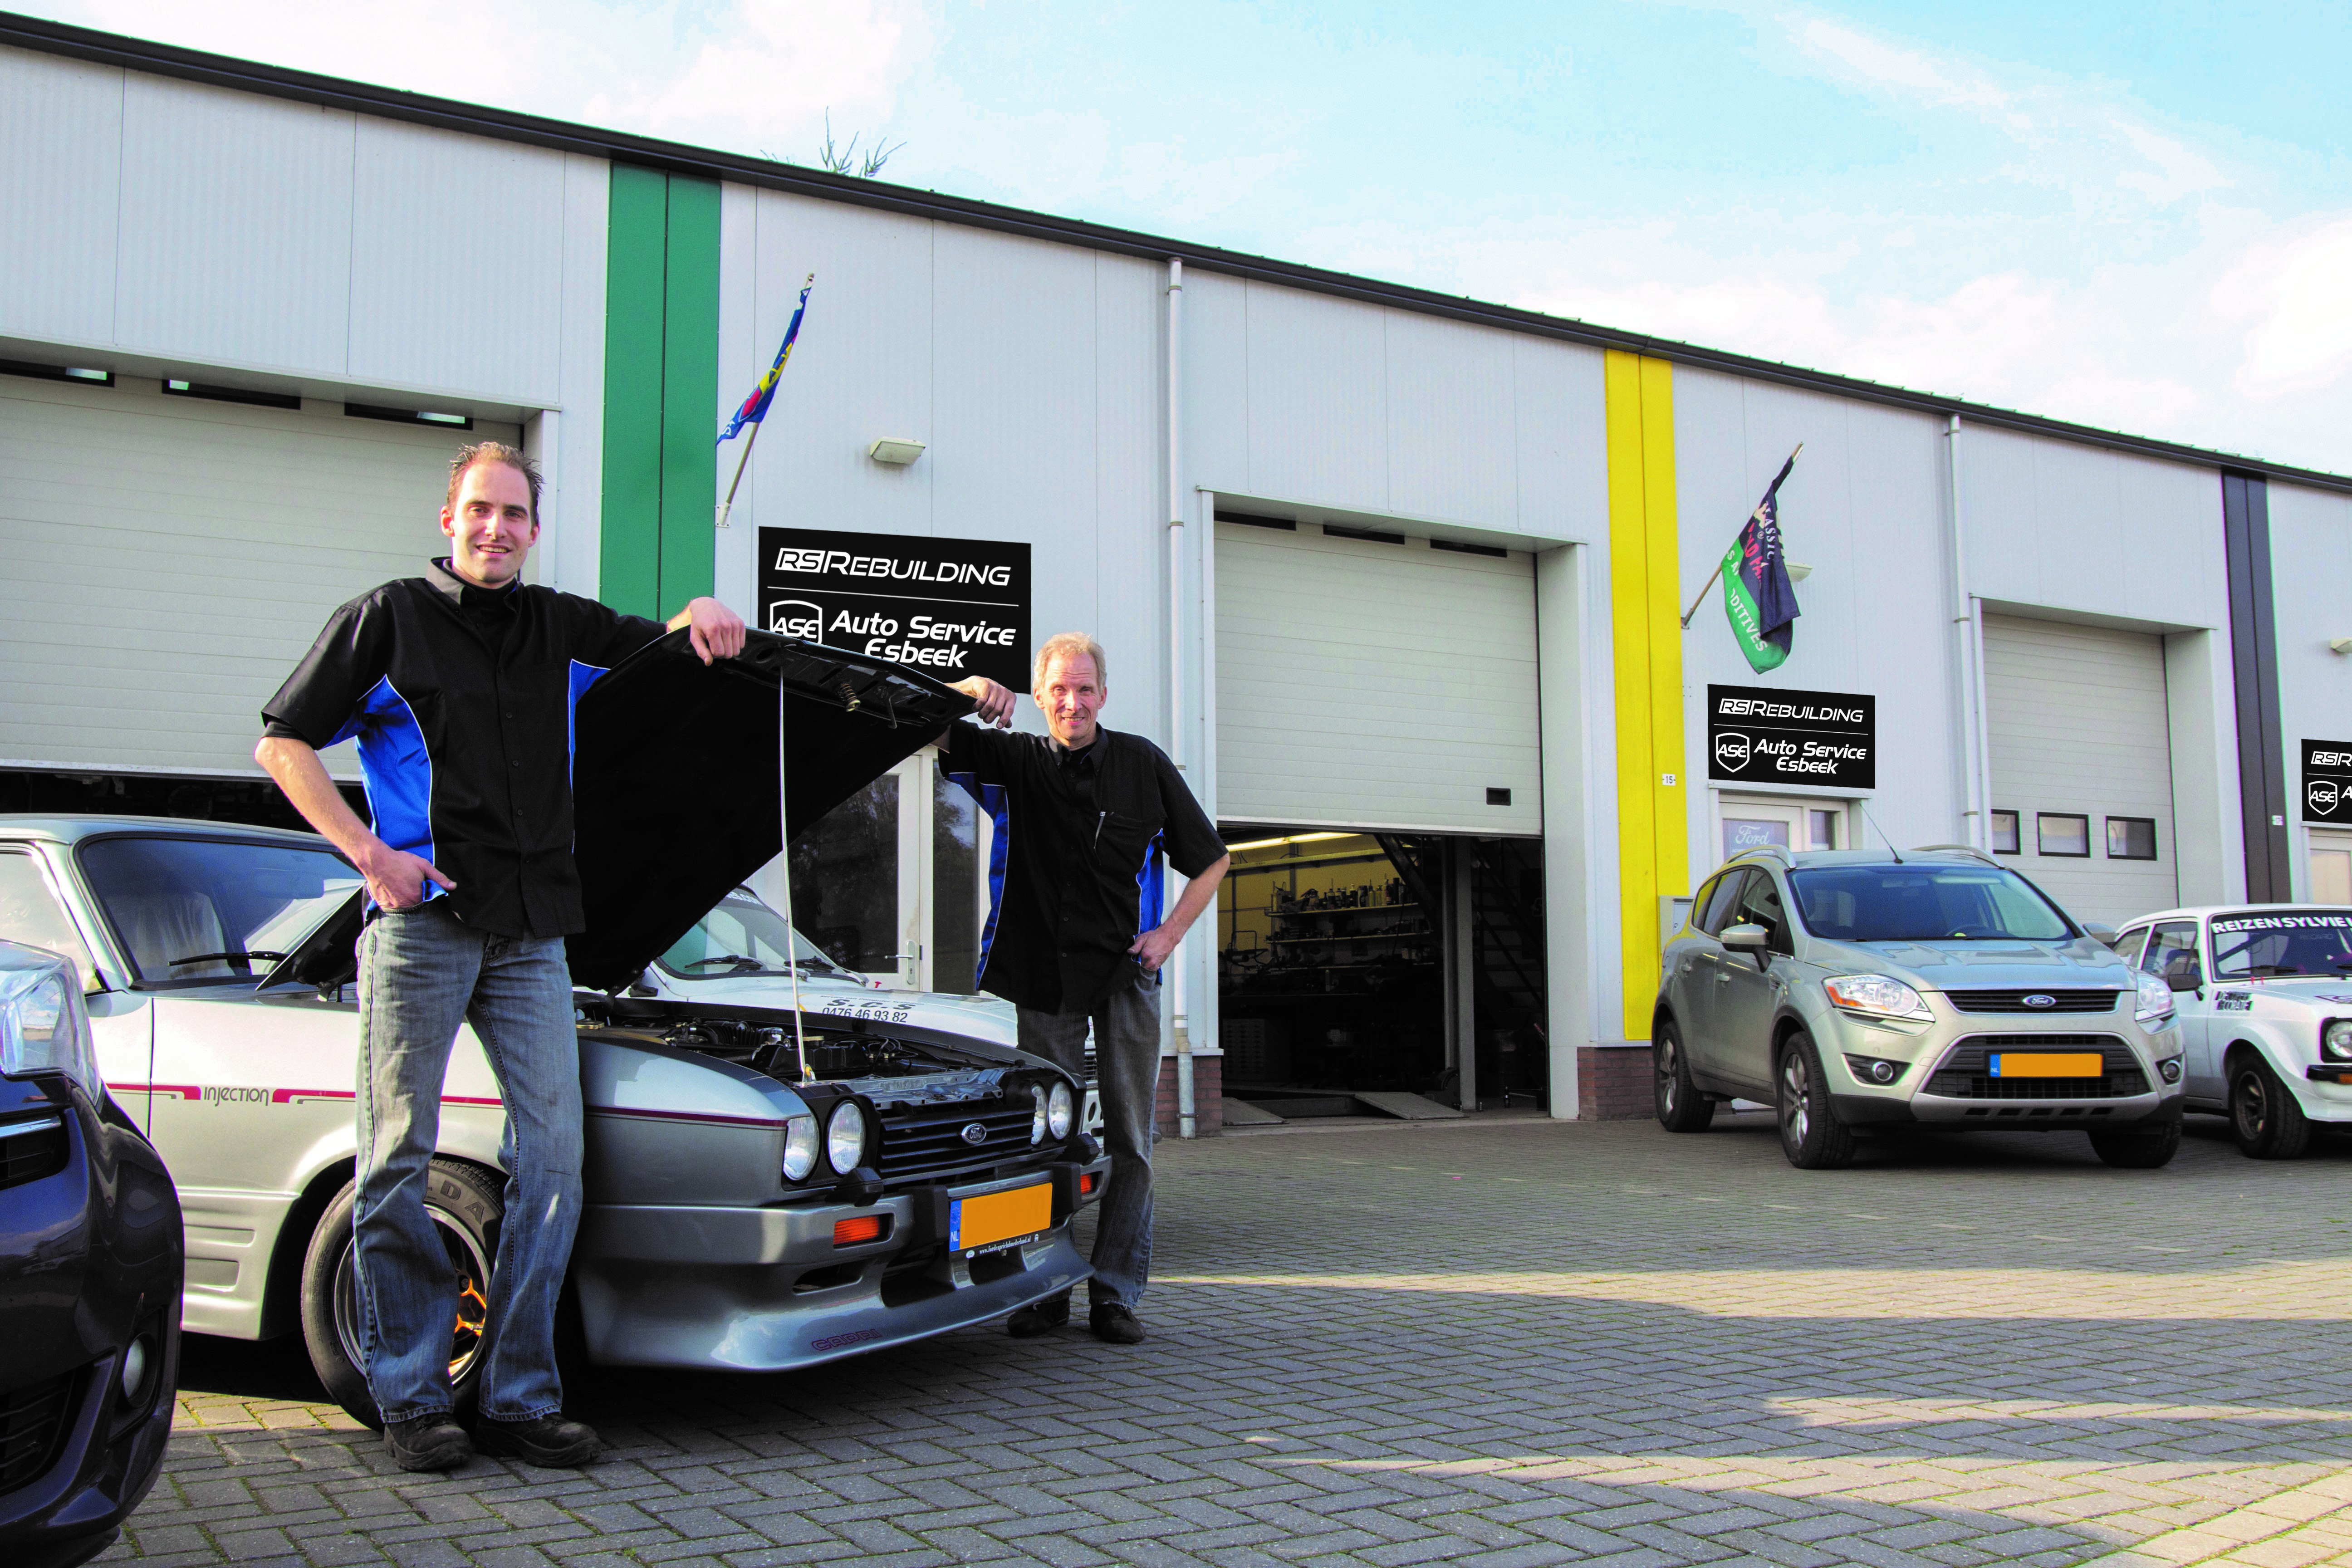 Auto garage baarschot for Garage villeneuve auto service